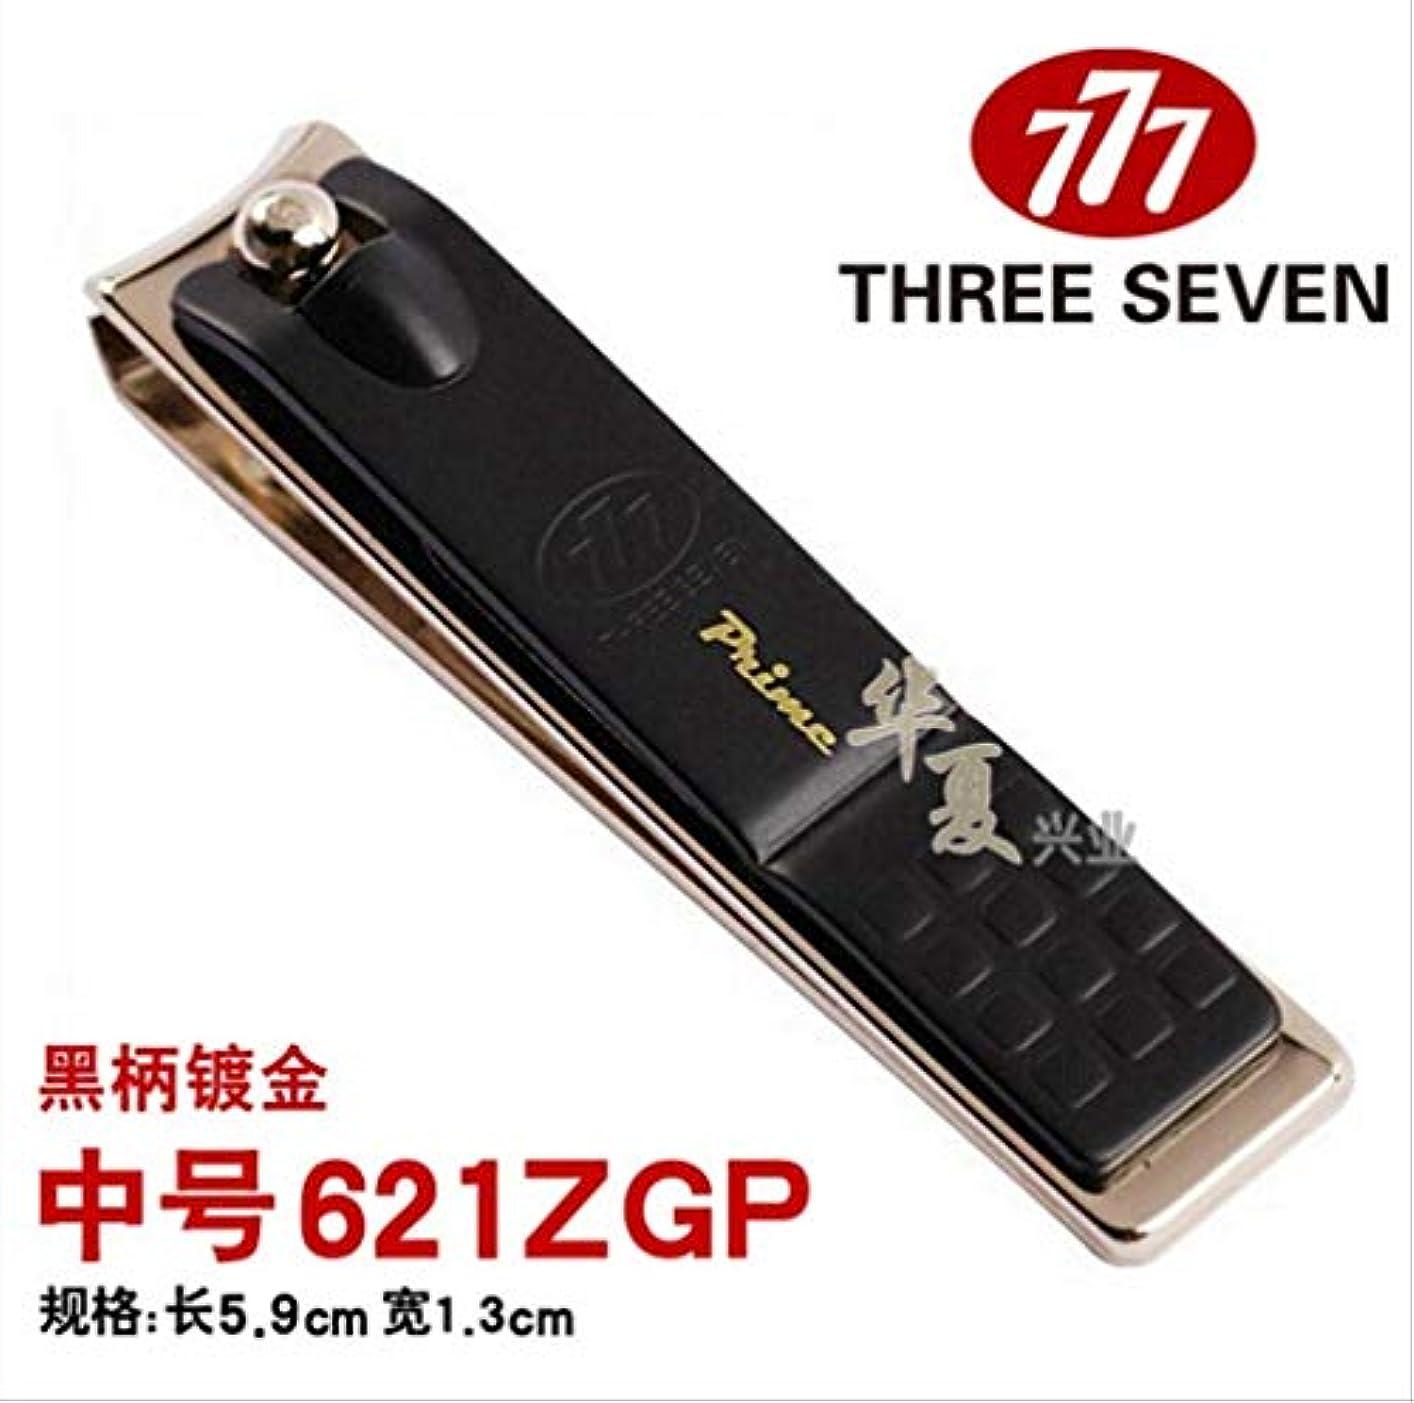 ぴかぴかアレルギー存在する韓国777爪切りはさみ元平口斜め爪切り小さな爪切り大本物 N-621ZGP